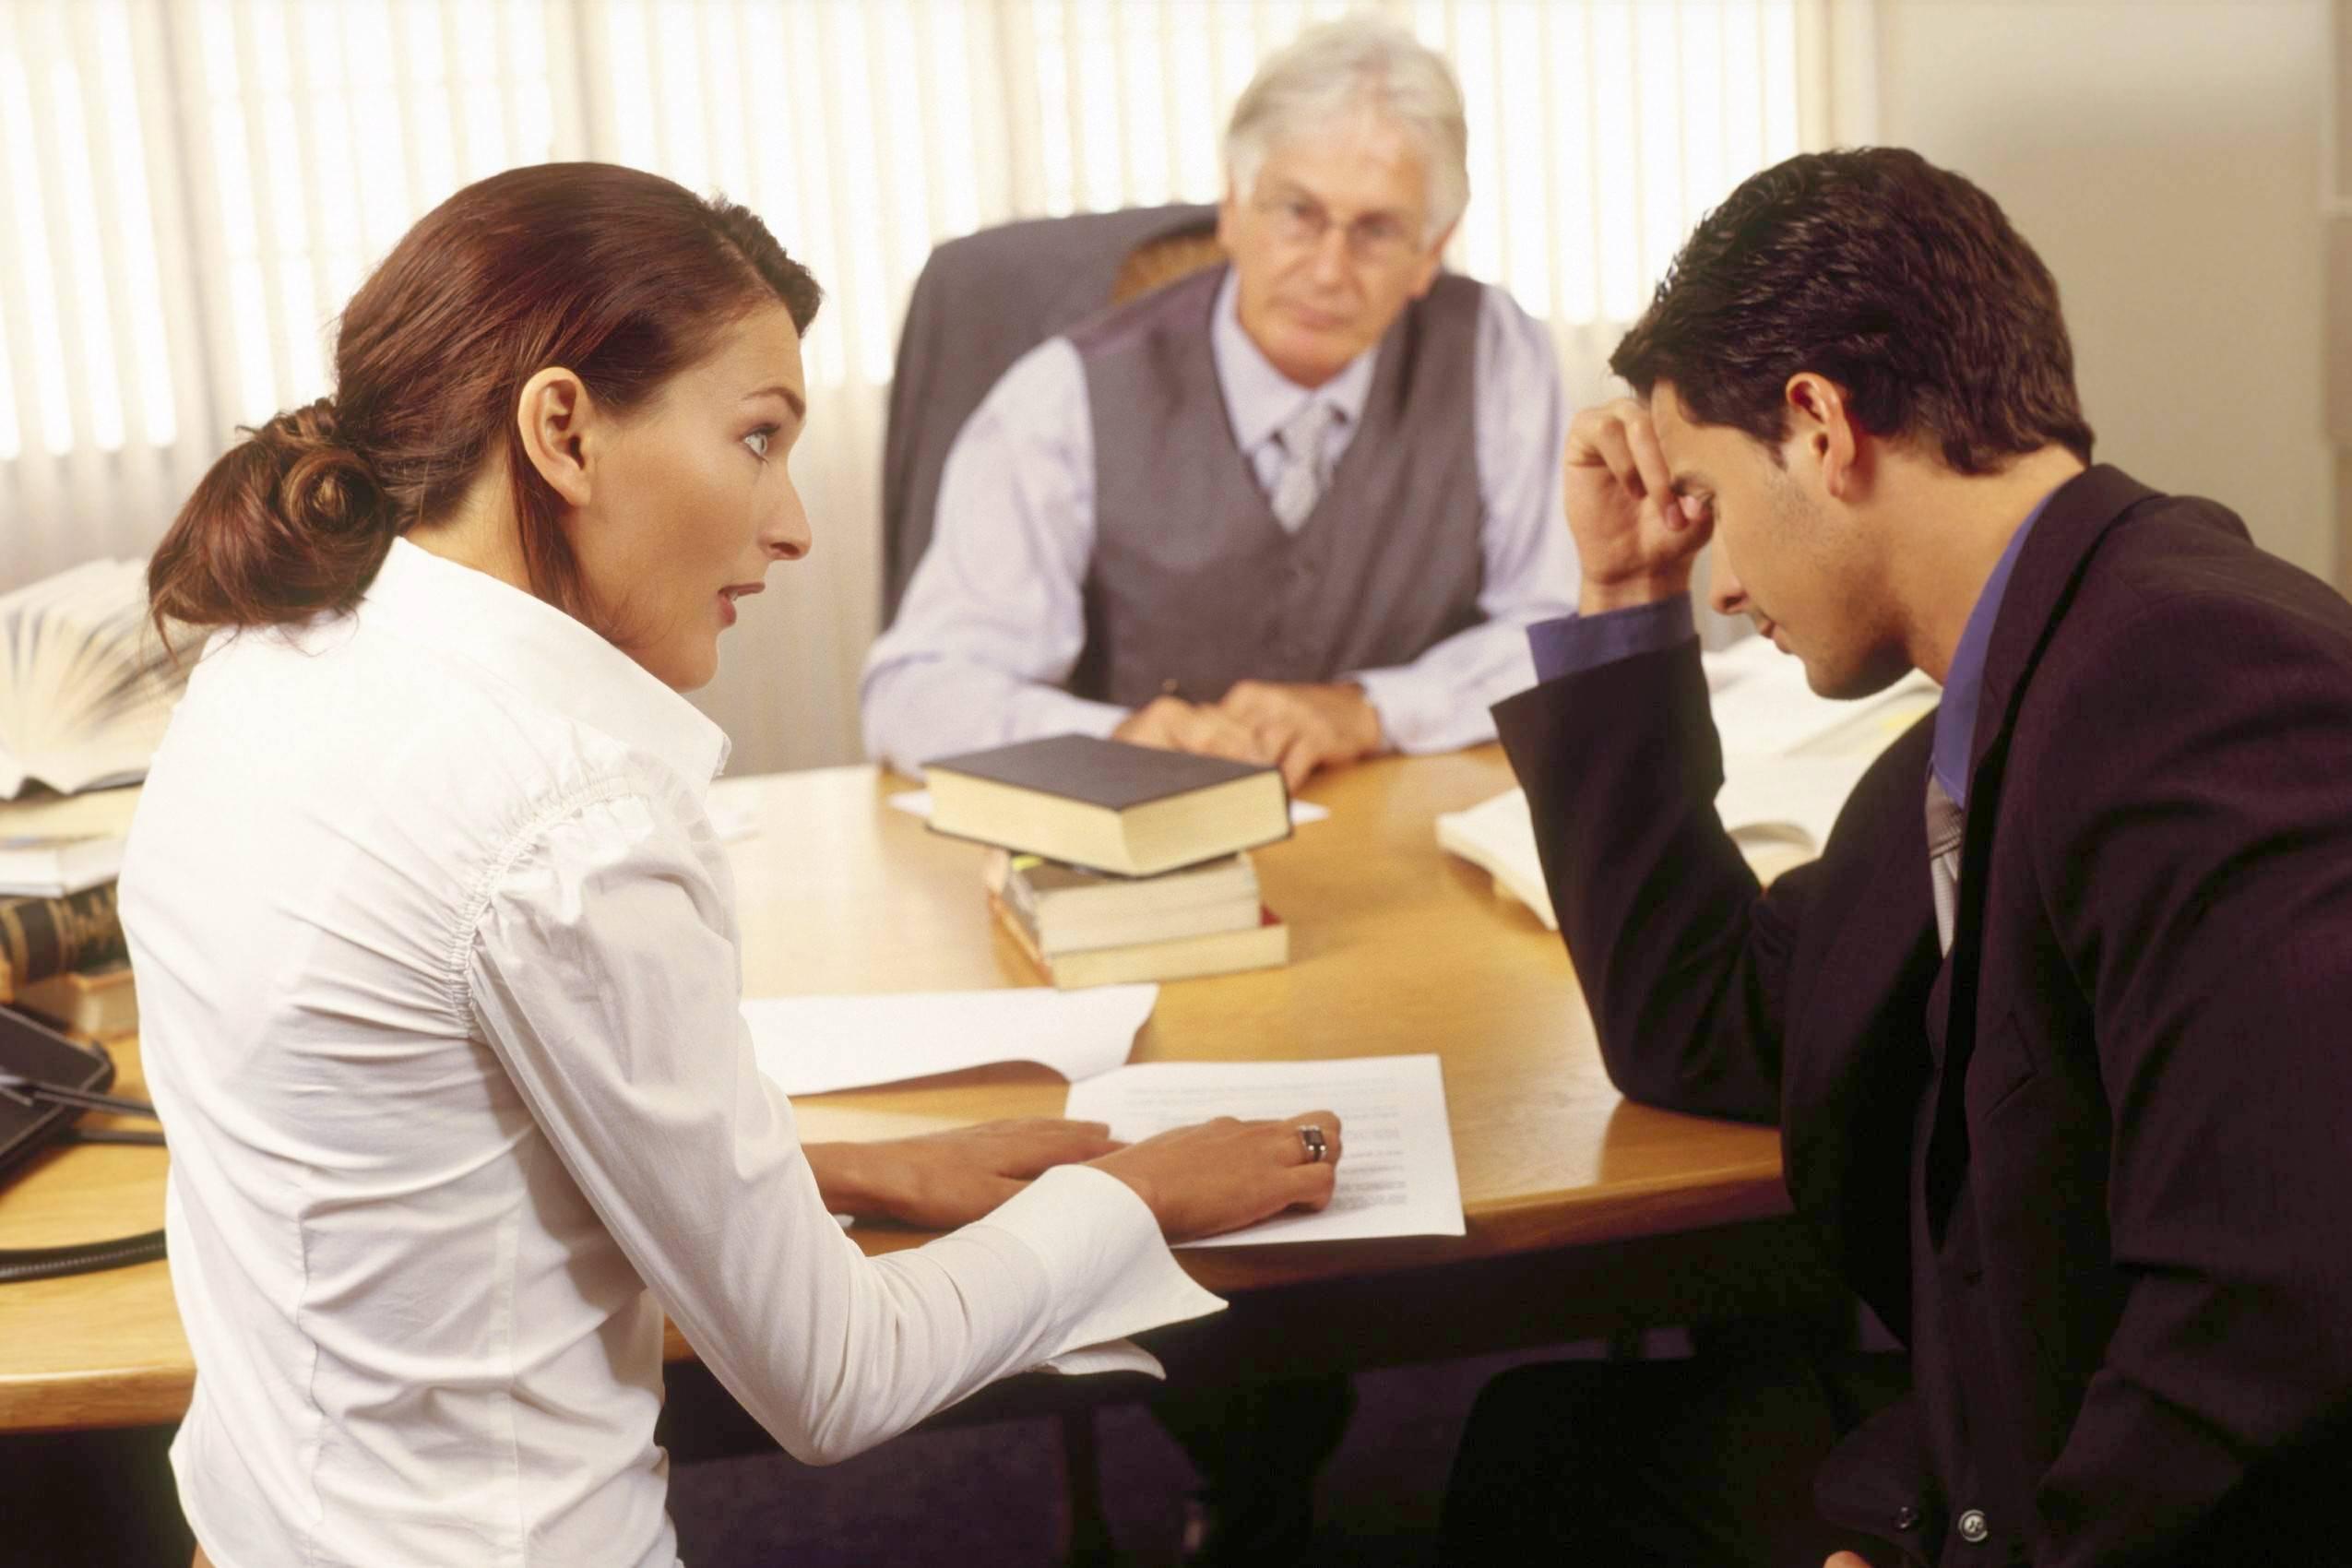 получить консультацию юриста по жилищному вопросу